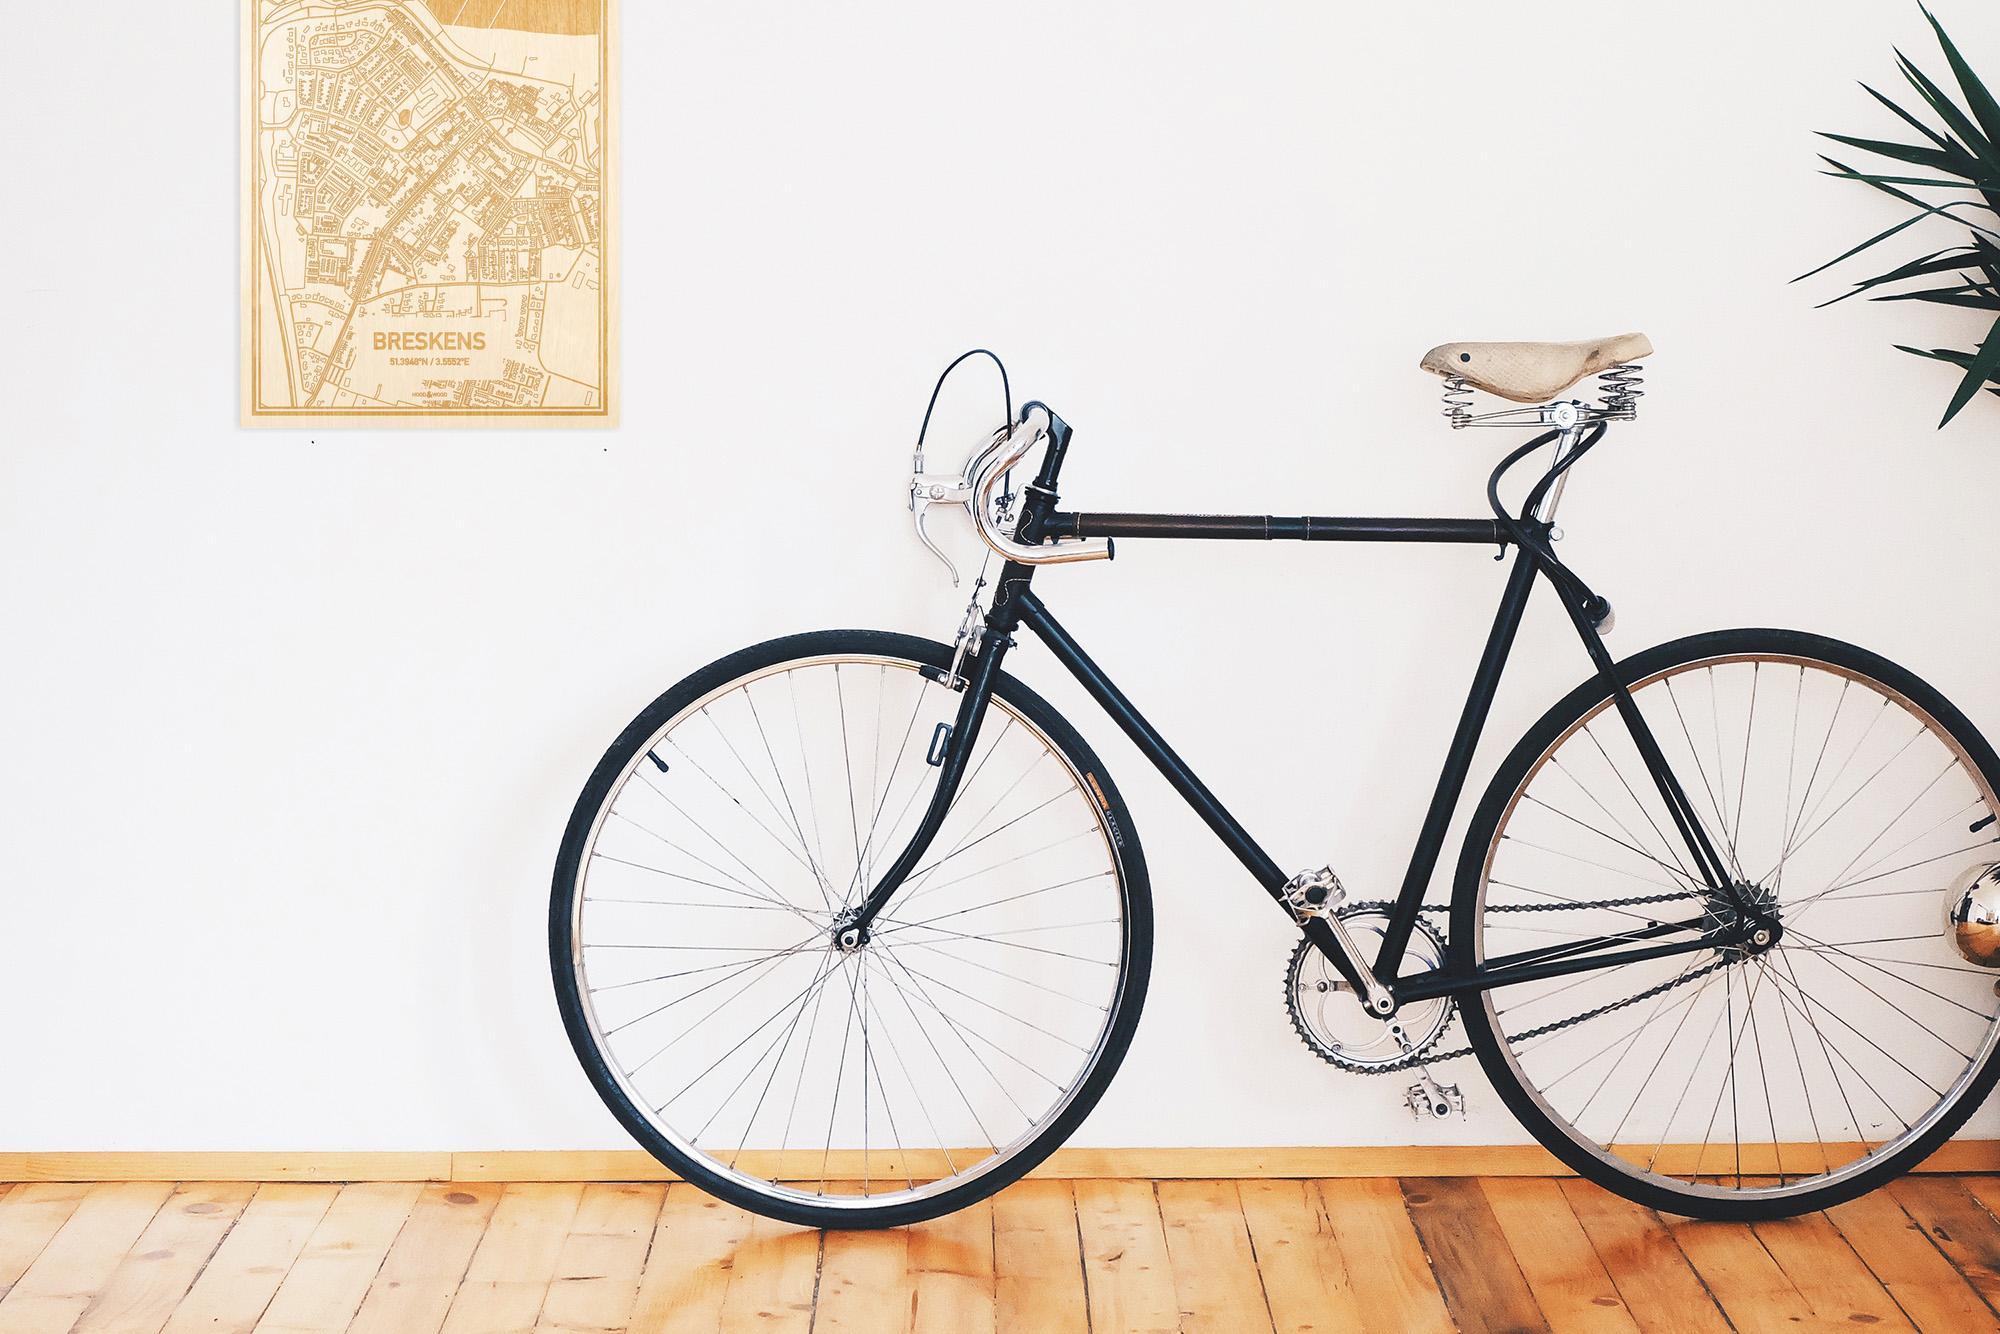 Een snelle fiets in een uniek interieur in Zeeland met mooie decoratie zoals de plattegrond Breskens.